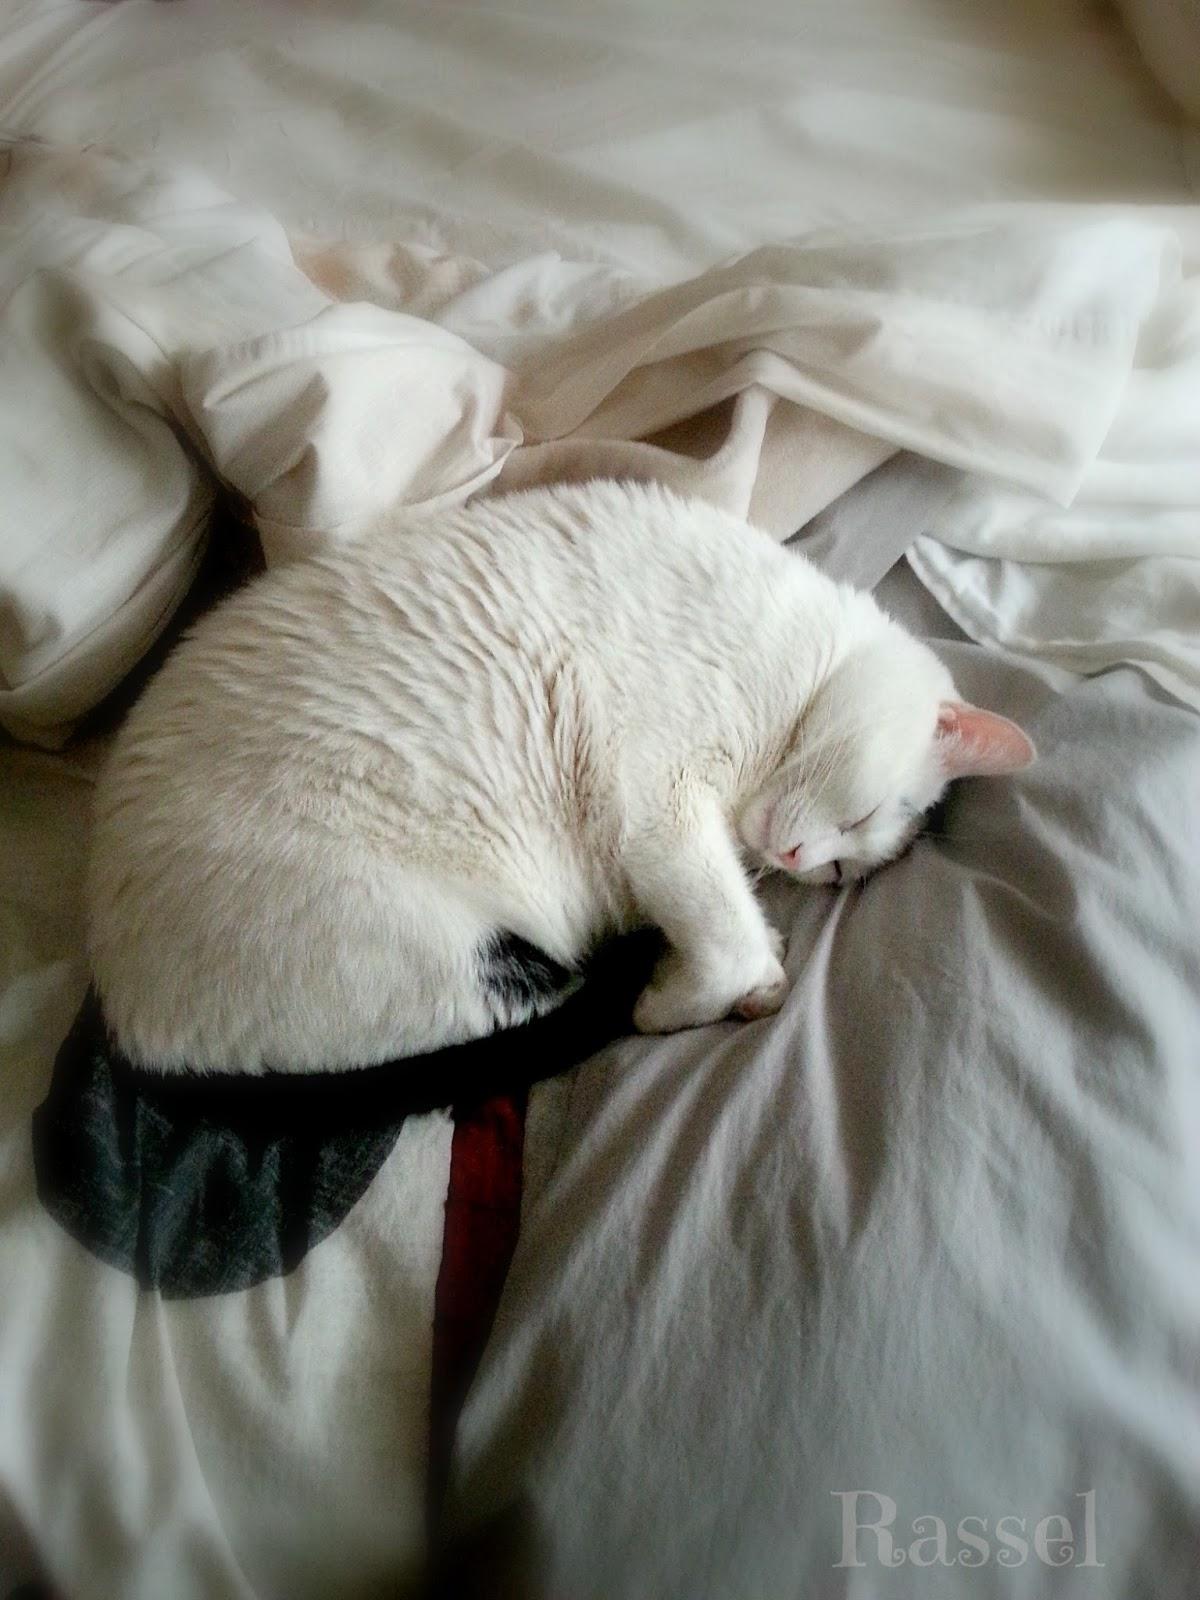 blog de gata Rassel y sus libros de gatos